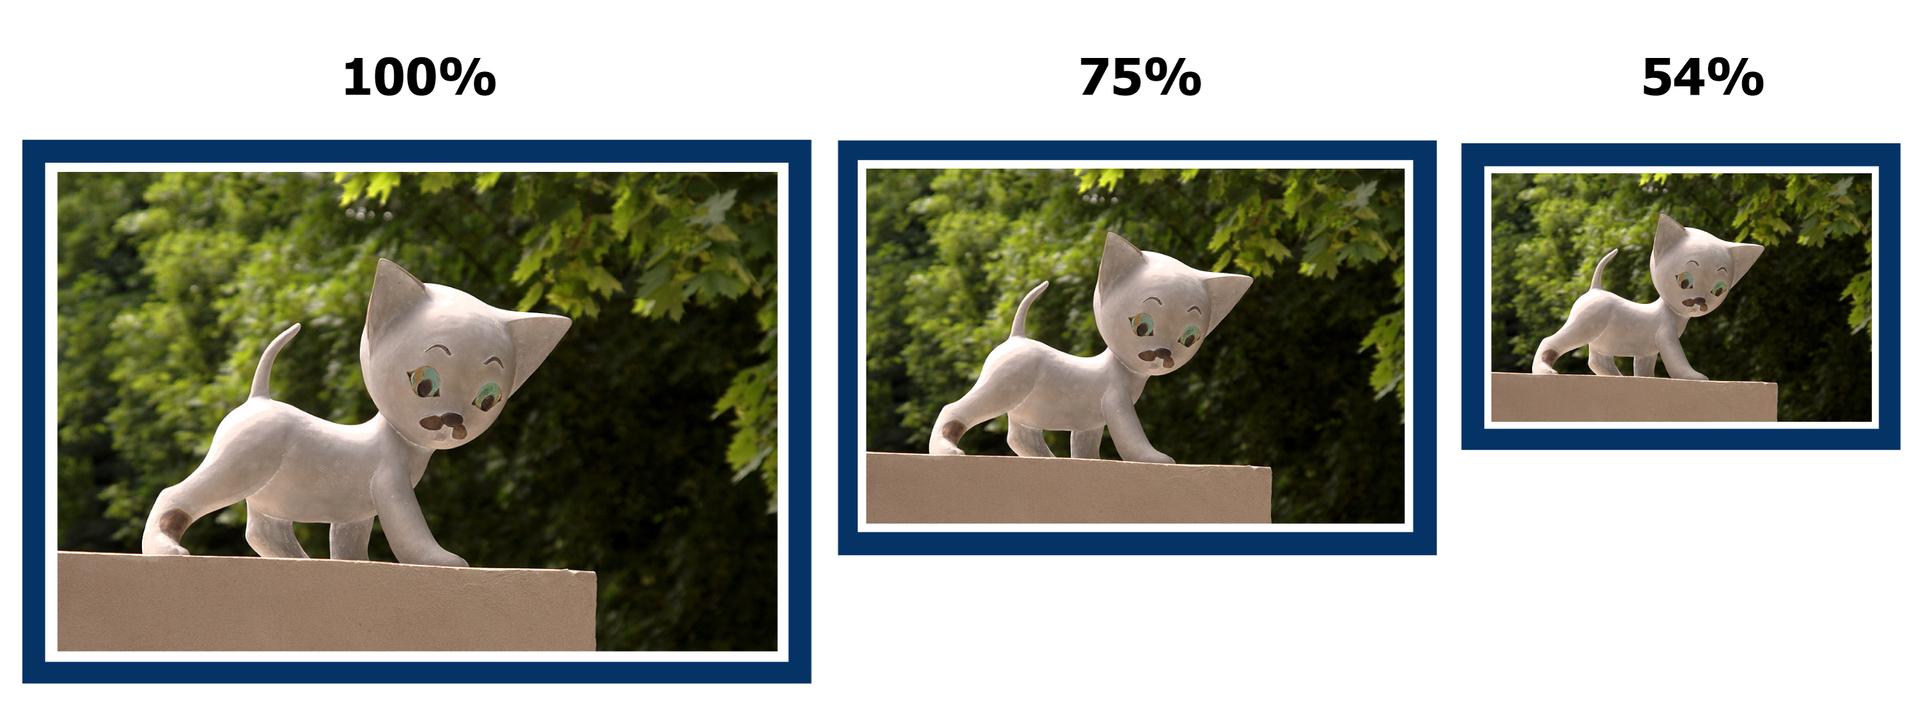 Rysunek trzech tych samych zdjęć wróżnych wymiarach: wskali 100%, 75% oraz 54%.